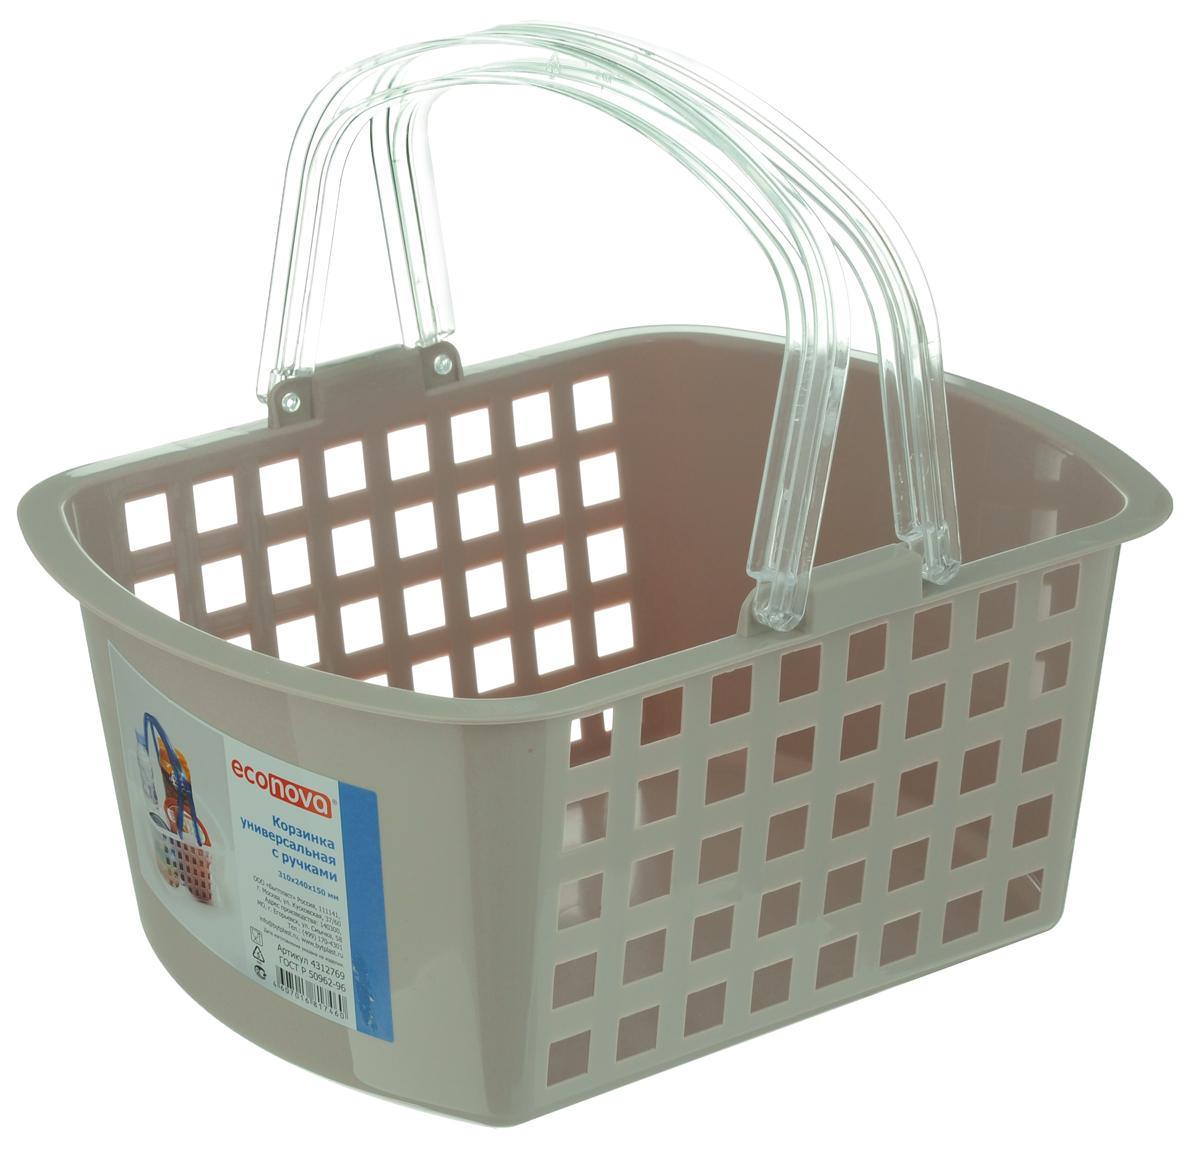 Корзинка универсальная Econova, цвет: светло-бежевый, прозрачный, 31 см х 24 см х 15 см193415_бежевыйУниверсальная корзина Econova, изготовленная из высококачественного прочного пластика, предназначена для хранения мелочей в ванной, на кухне, даче или гараже. Изделие оснащено двумя удобными складными ручками. Это легкая корзина со сплошным дном, жесткой кромкой и небольшими отверстиями позволяет хранить мелкие вещи, исключая возможность их потери.